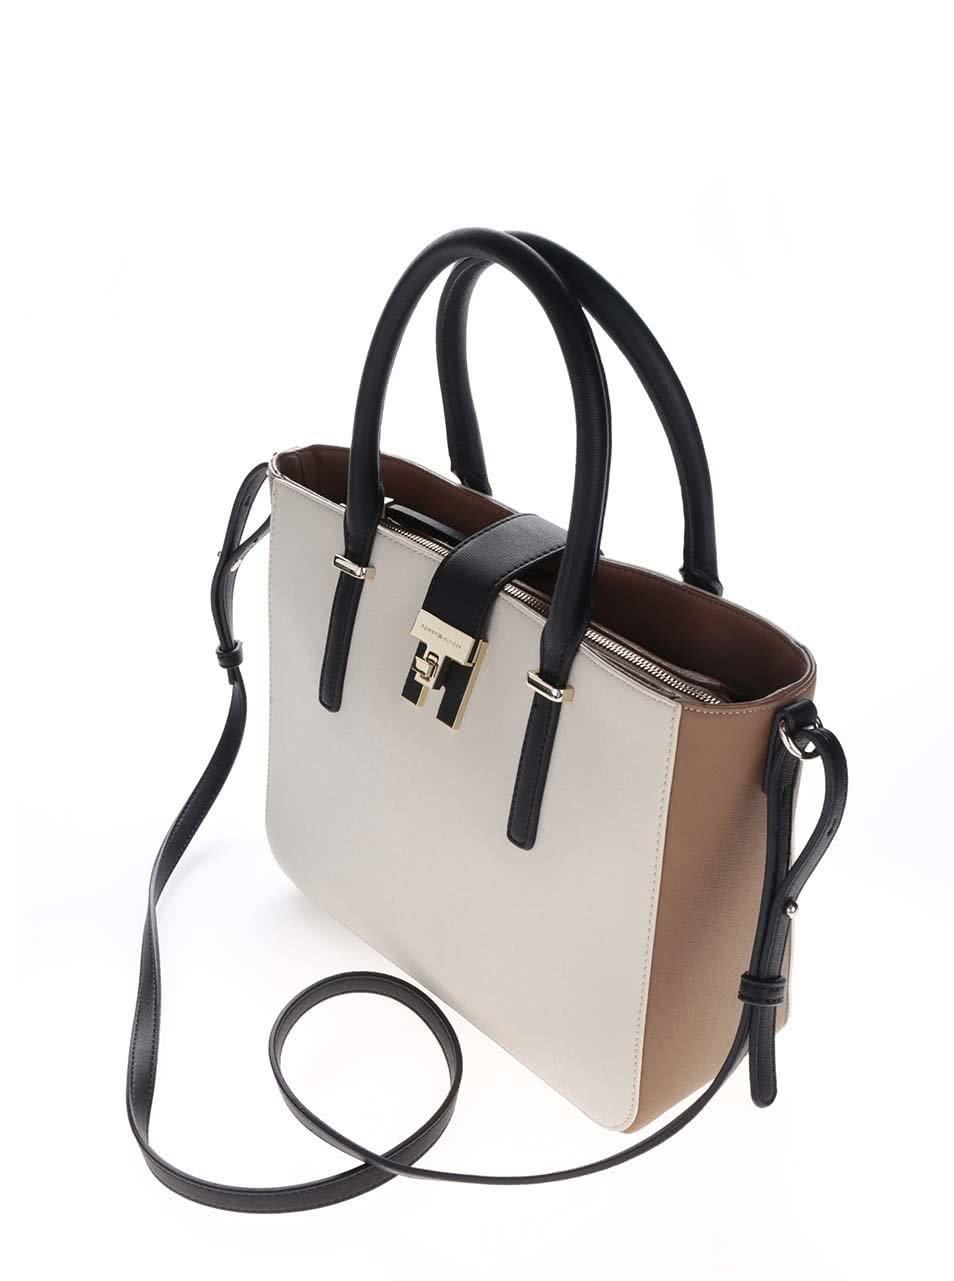 Černo-krémová kabelka se zlatými detaily Tommy Hilfiger ... 16963bbf1e2